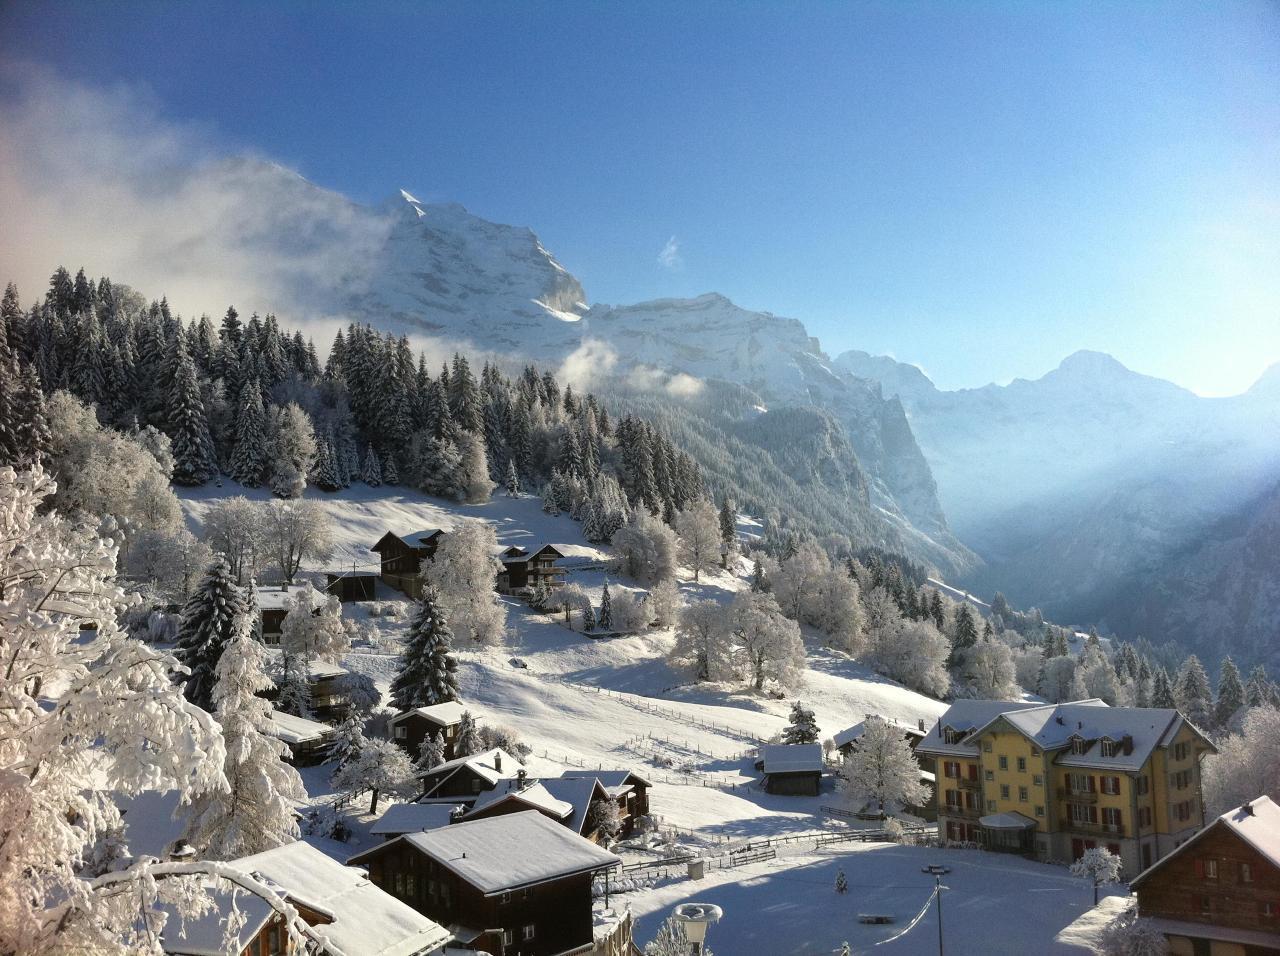 Appartement de vacances Birkli 2, 2 Bett Wohnung (2691724), Wengen, Région de la Jungfrau, Oberland bernois, Suisse, image 14